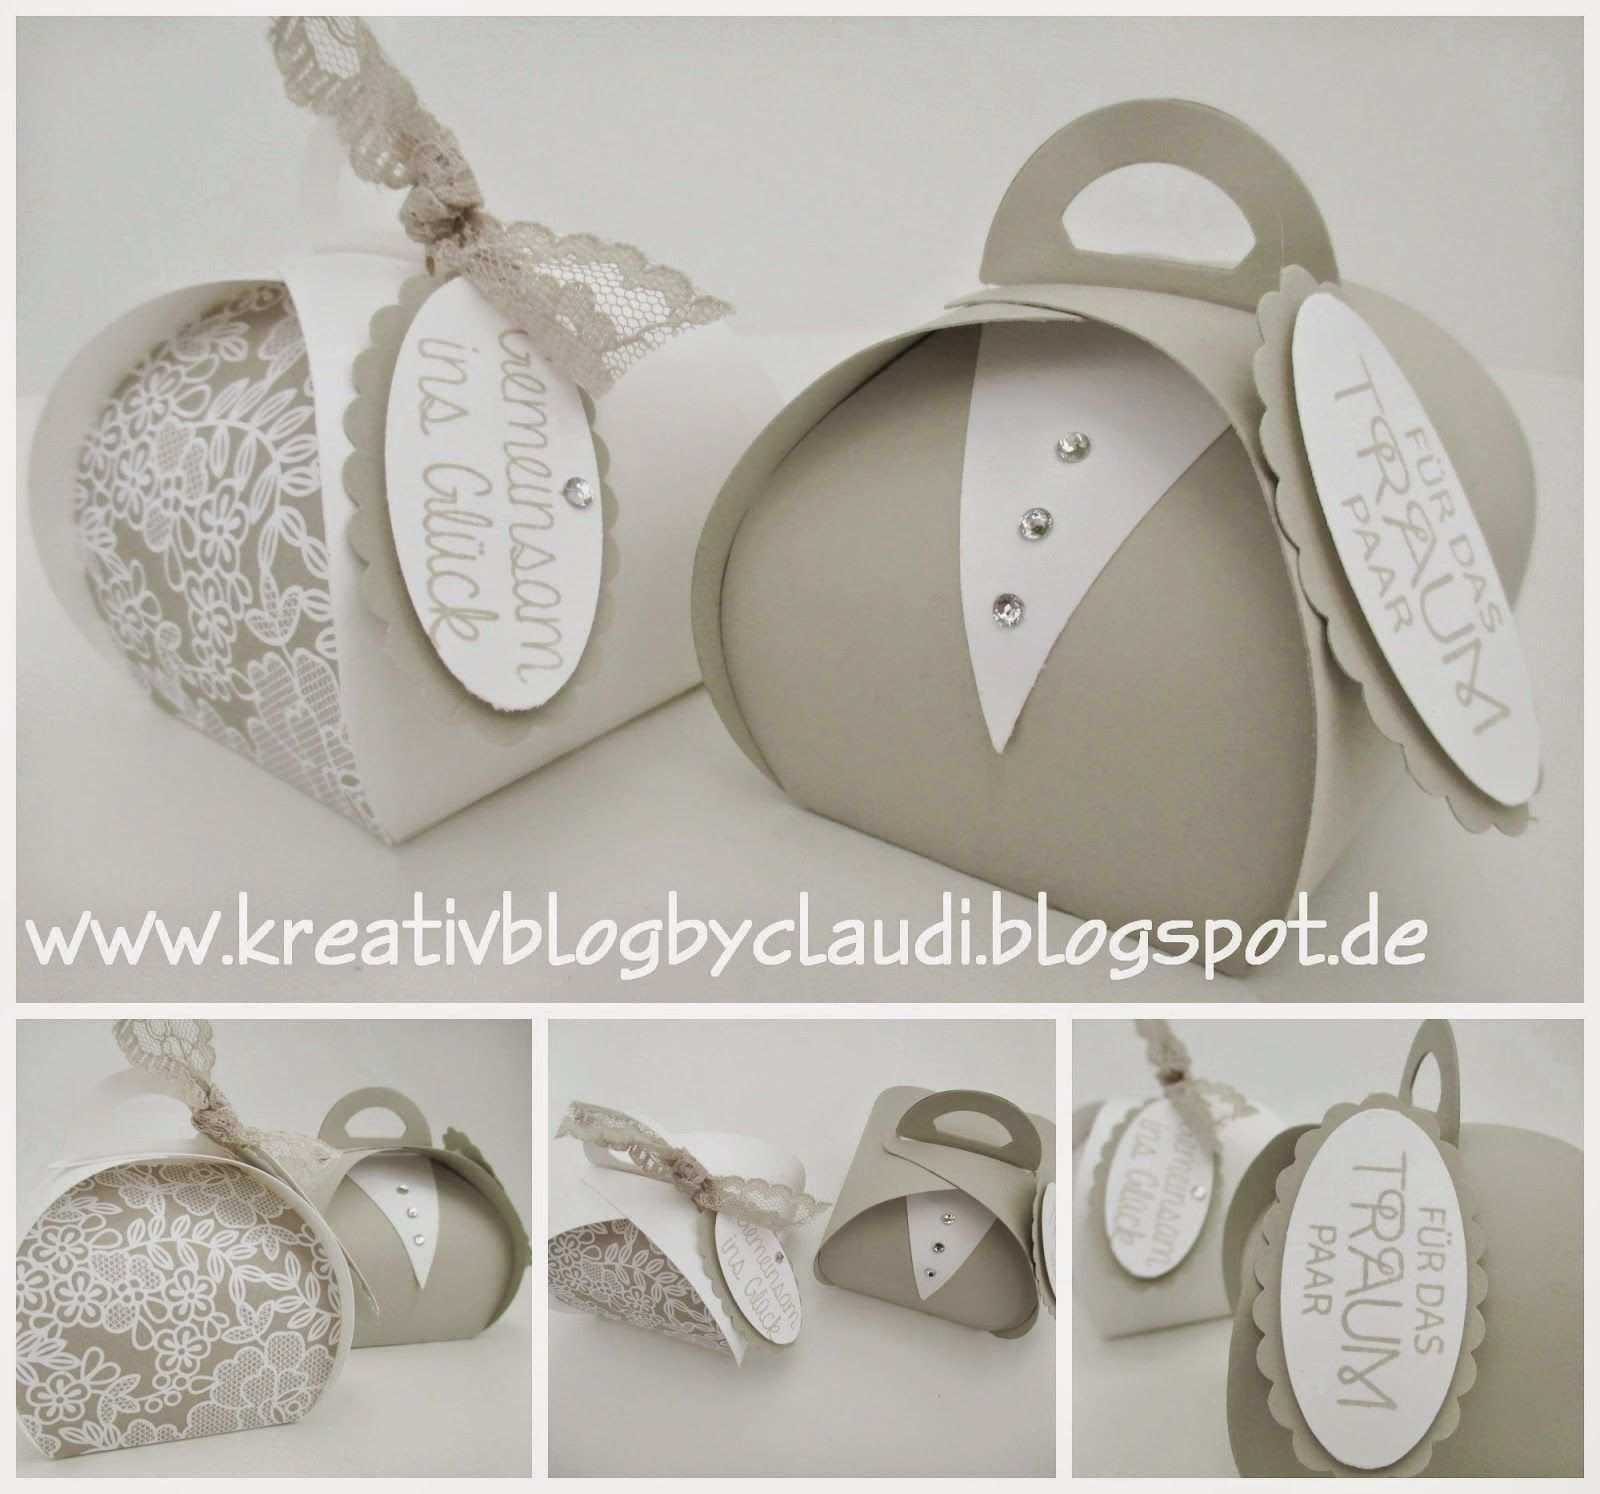 Brautpaar Geschenkschachtel Schablonen Geschenkkartons Und Geschenkschachteln